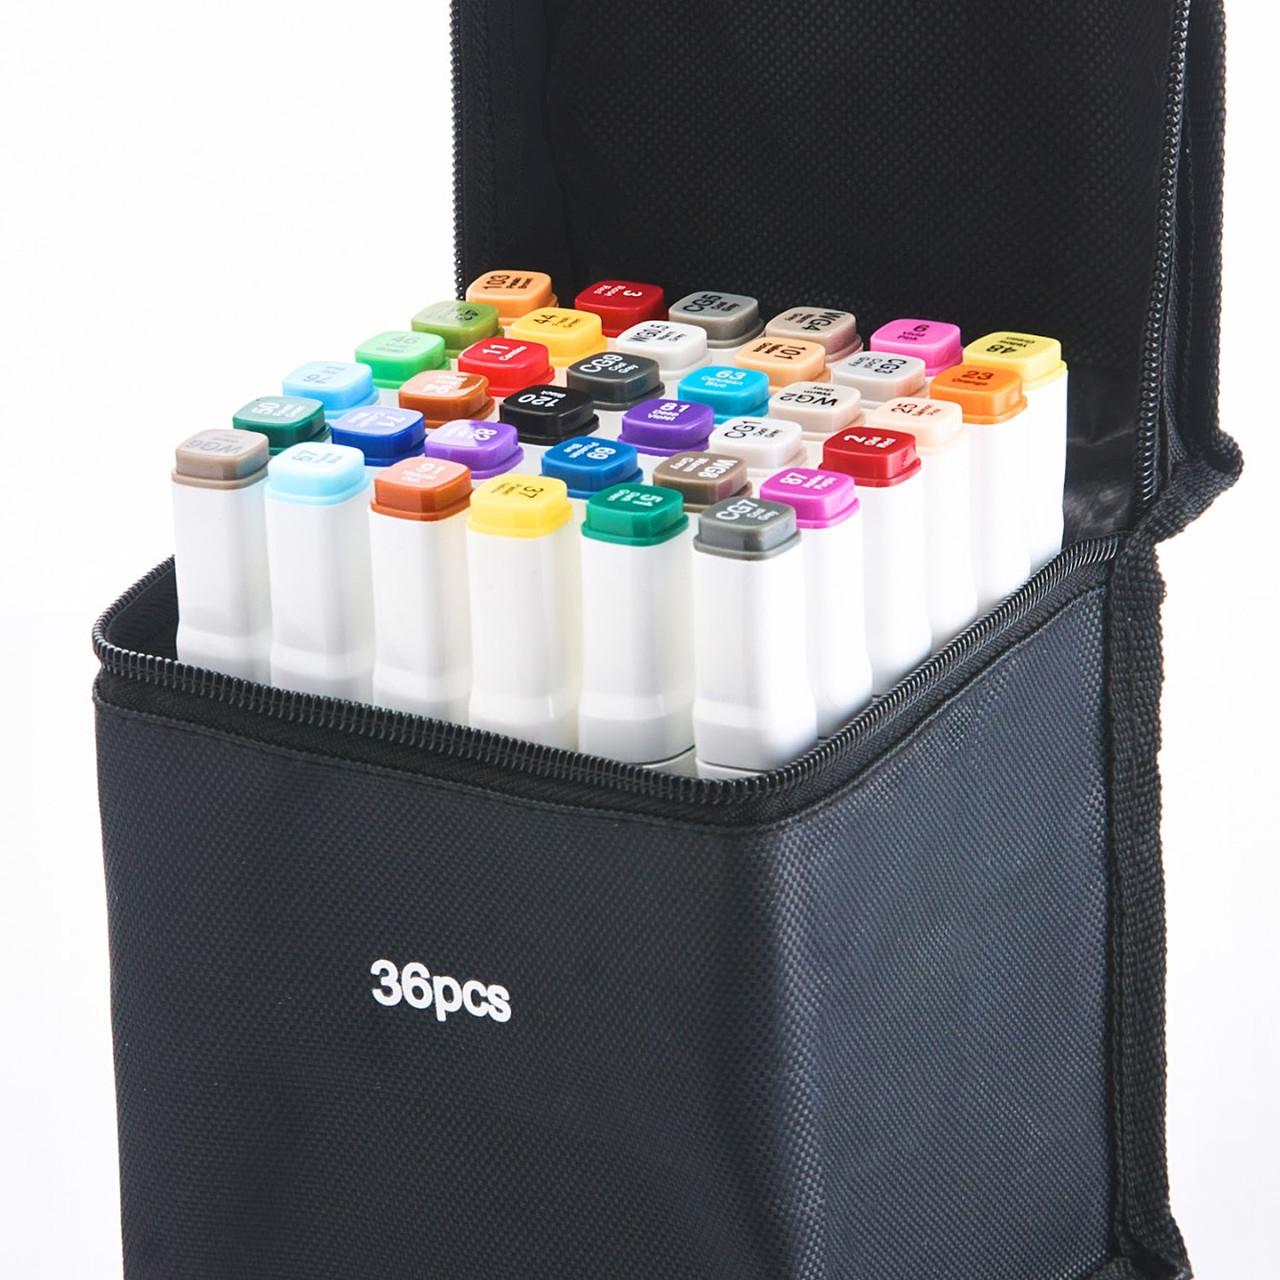 36 цветов! Набор двусторонних маркеров Touch для рисования и скетчинга на спиртовой основе 36 штук